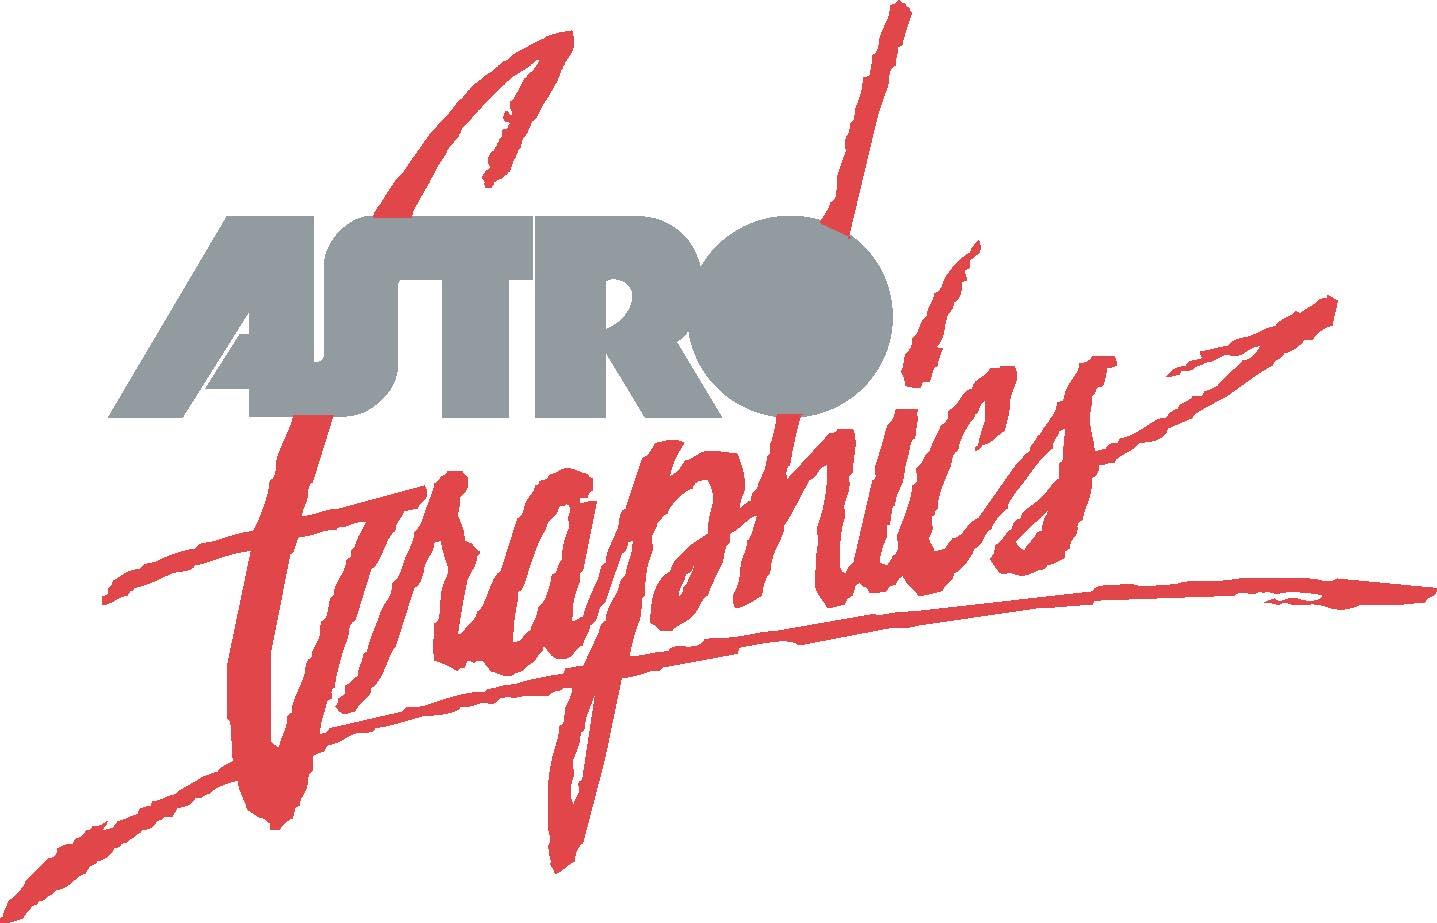 Astro Graphics